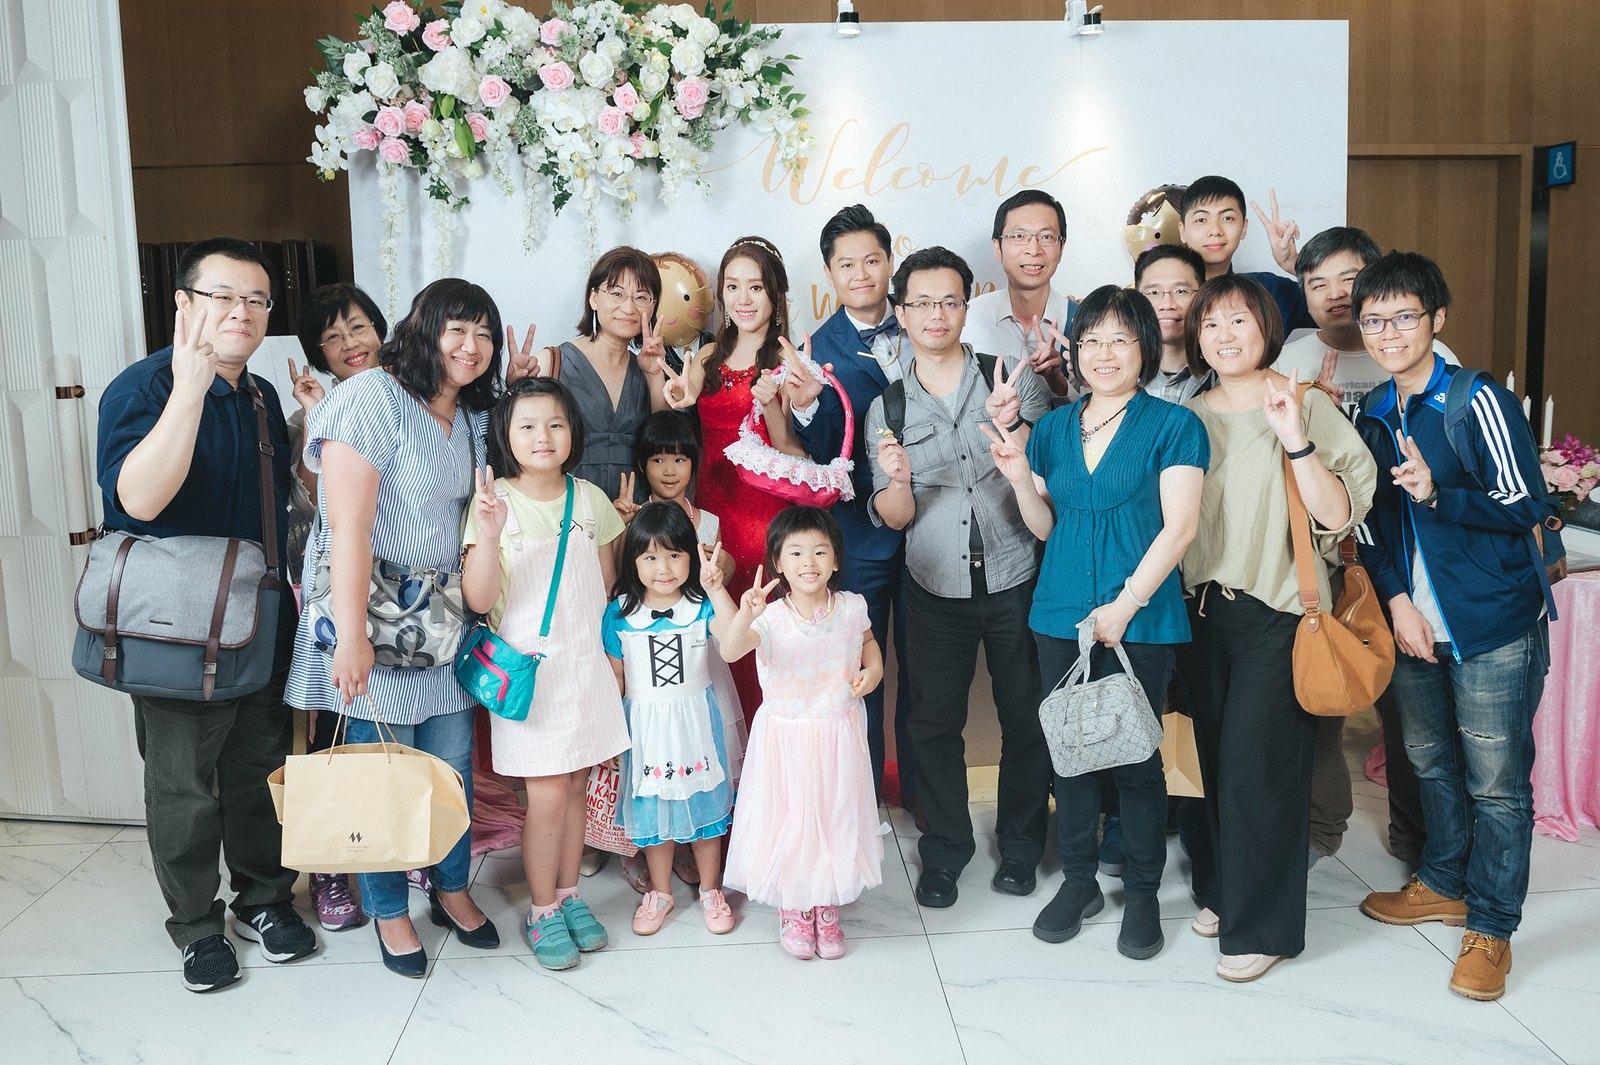 【婚攝】Jie & Yuseng / 台北凱達大飯店